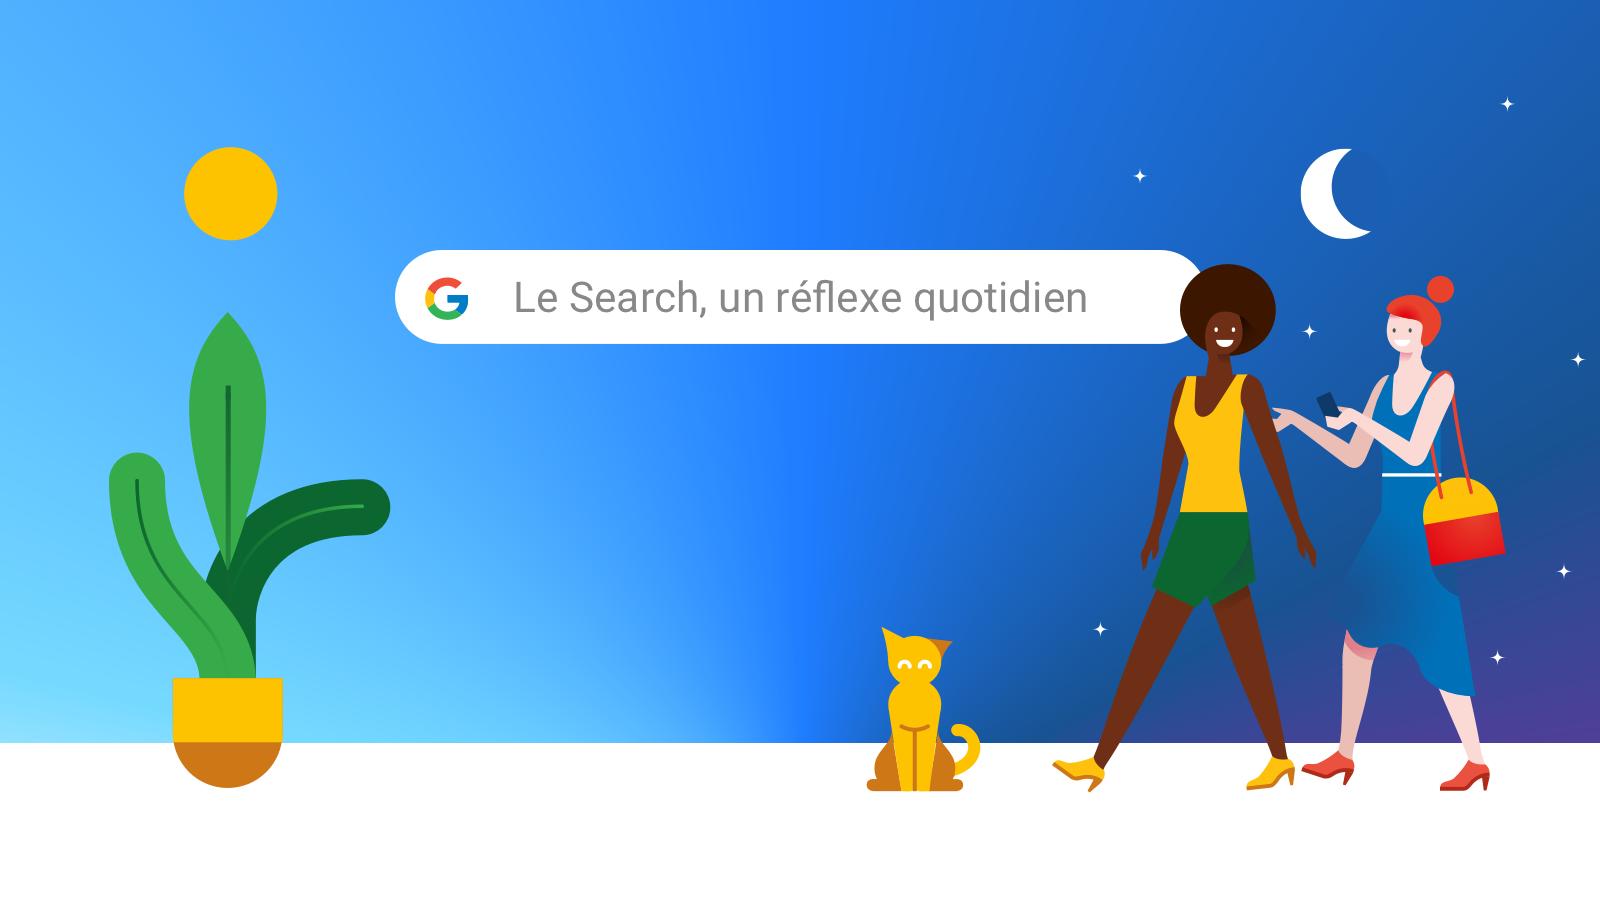 Le Search, un réflexe quotidien